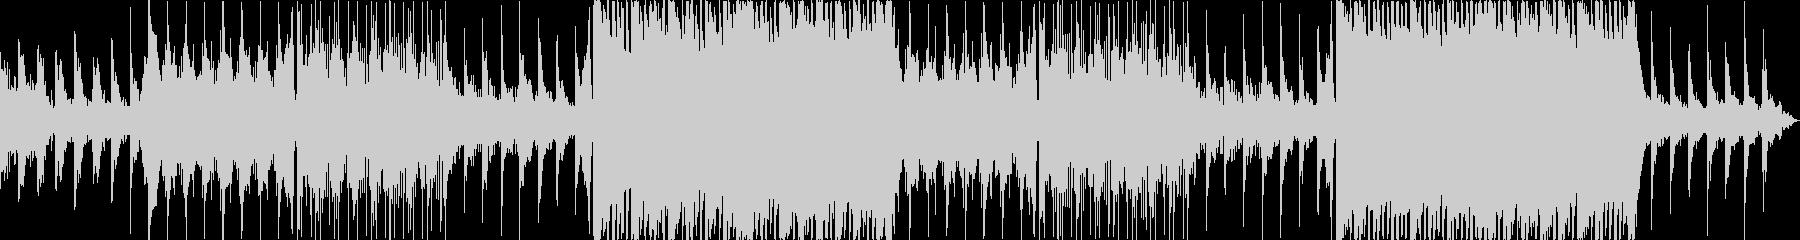 幻想的、フワフワ、エレクトロBGMの未再生の波形